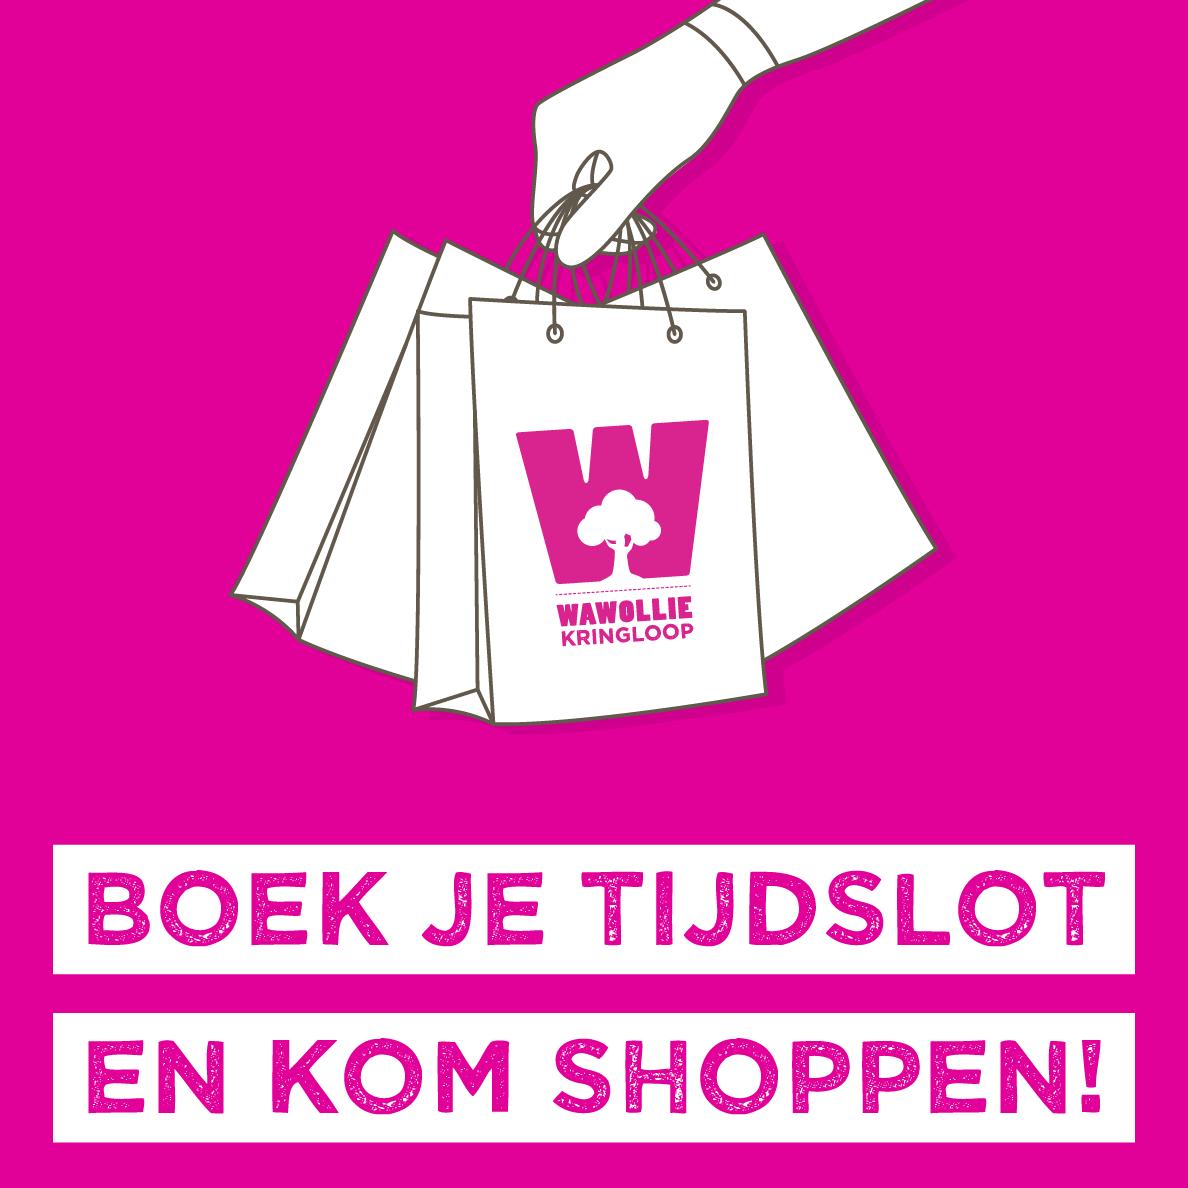 Koop een tegoedbon en kom shoppen!